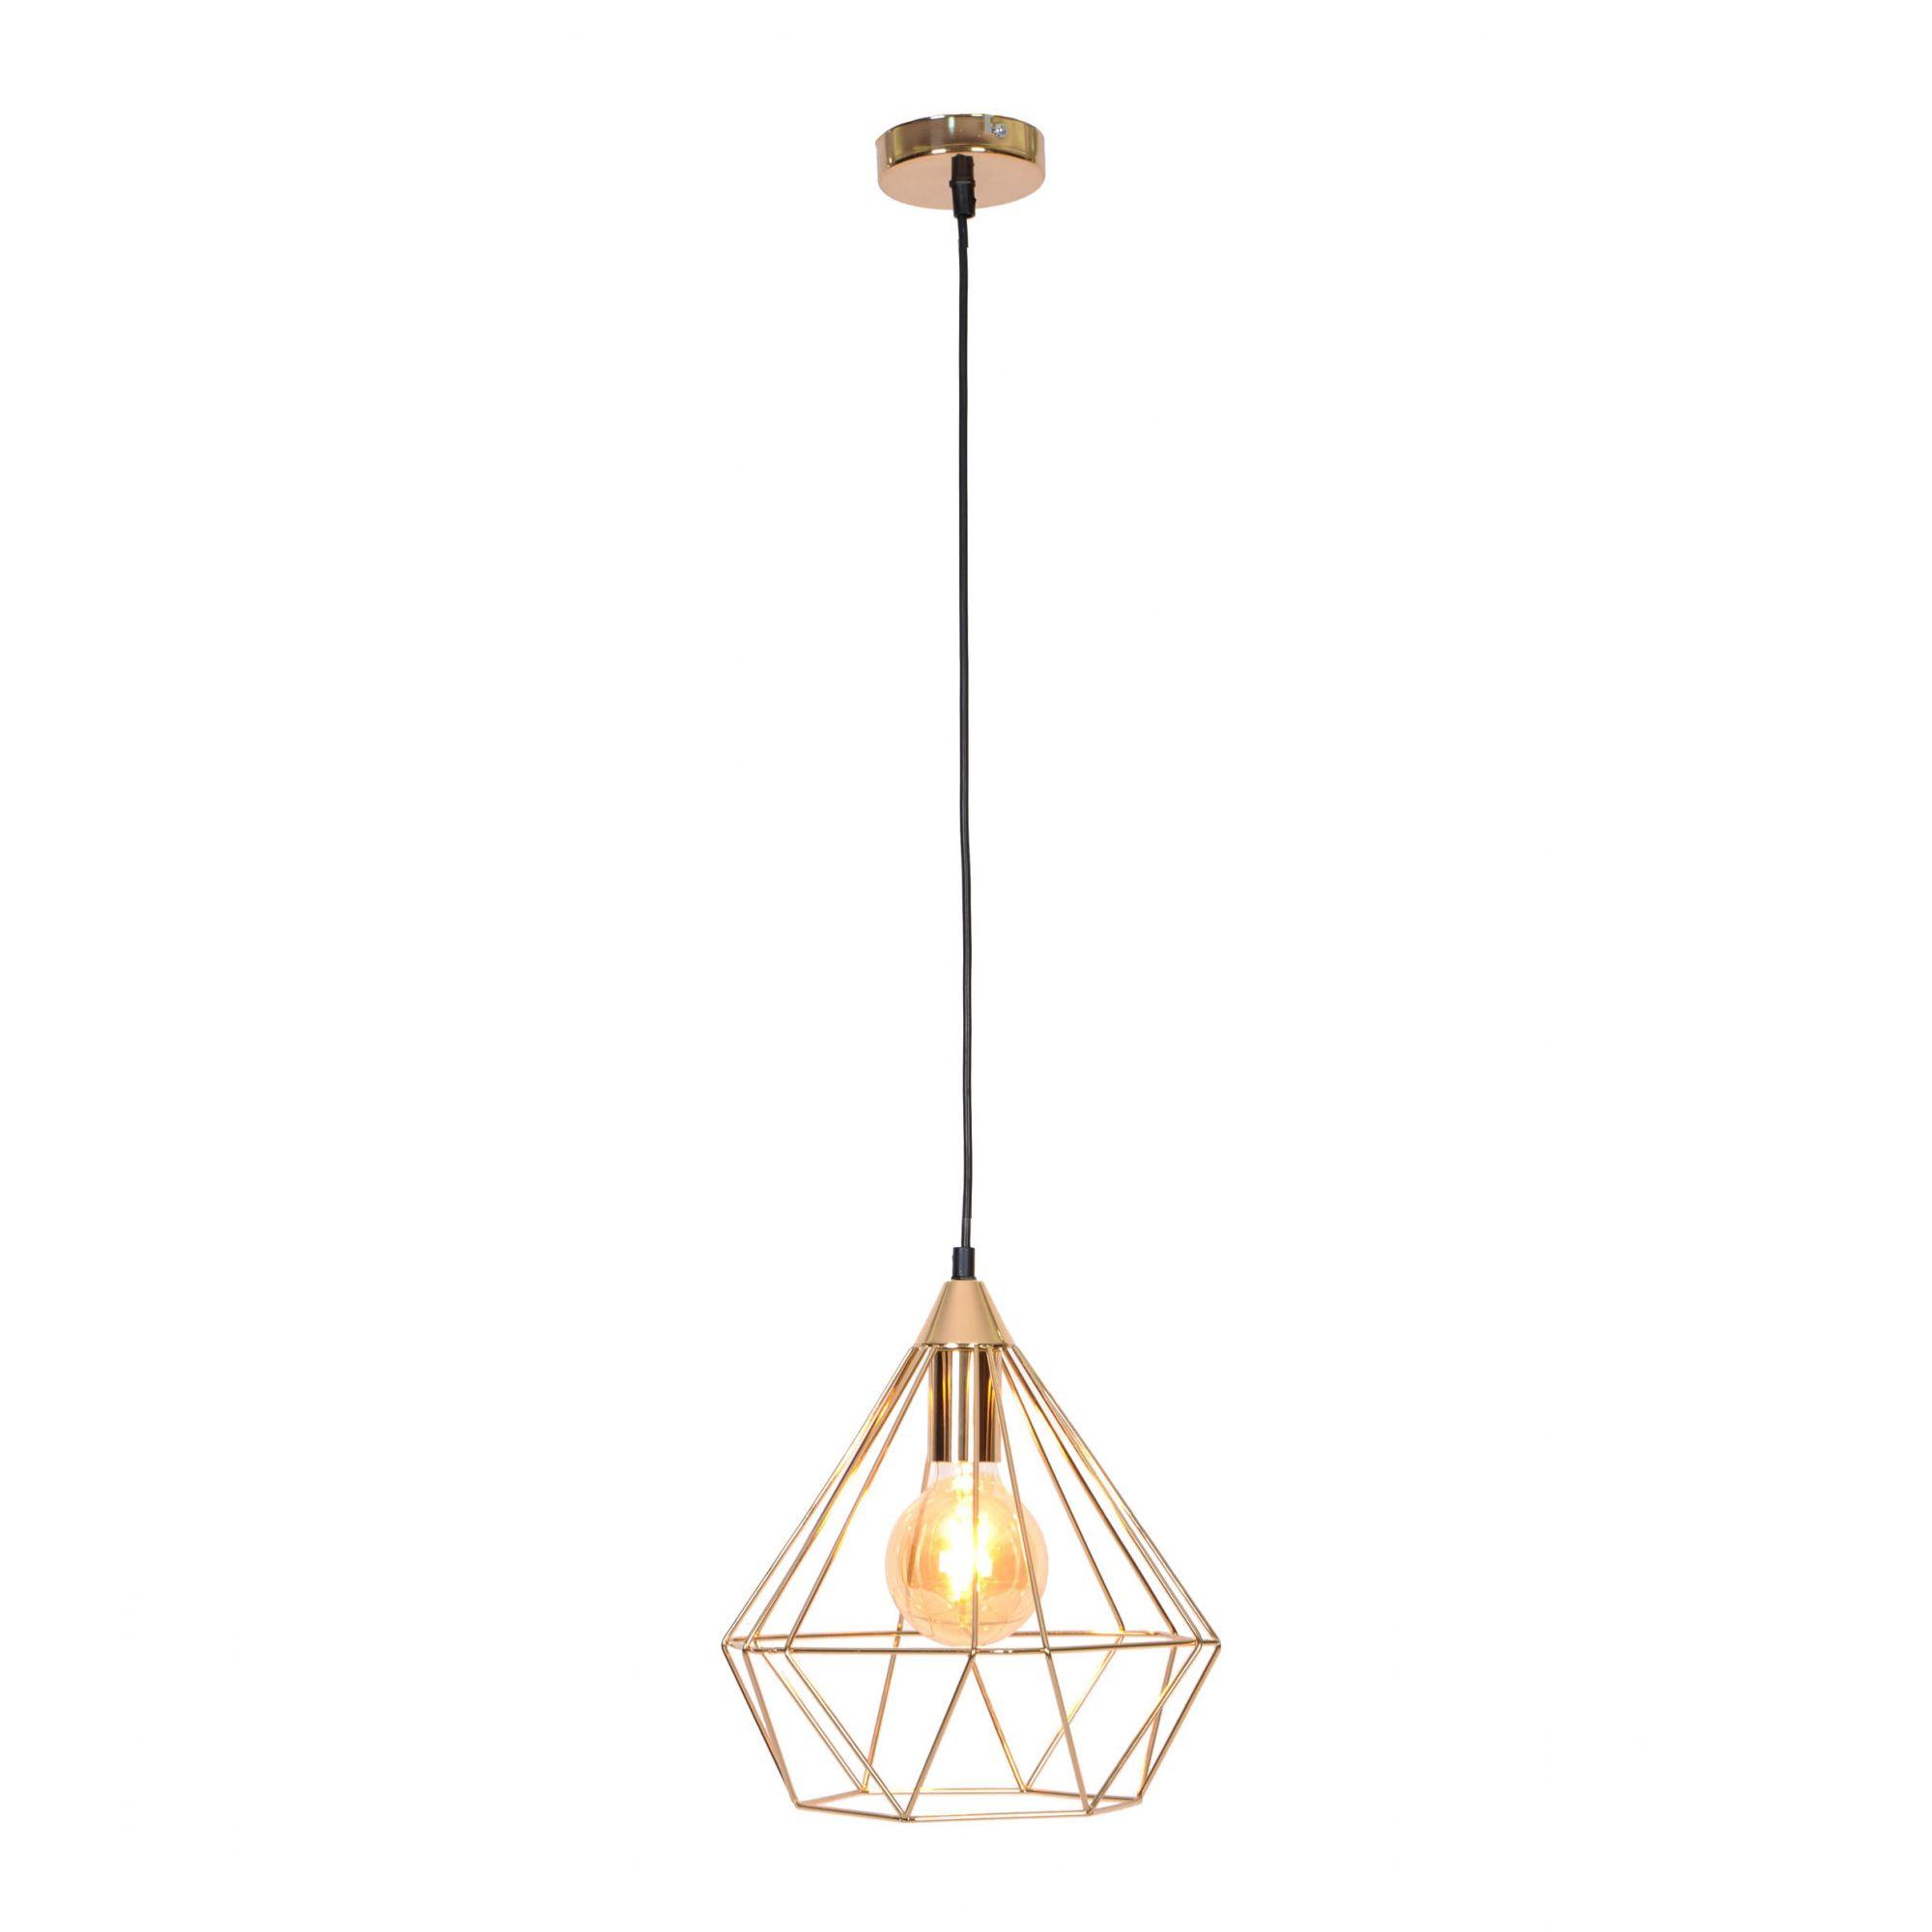 Pendente lustre retro charme para cozinha 132x30x30, metal dourado